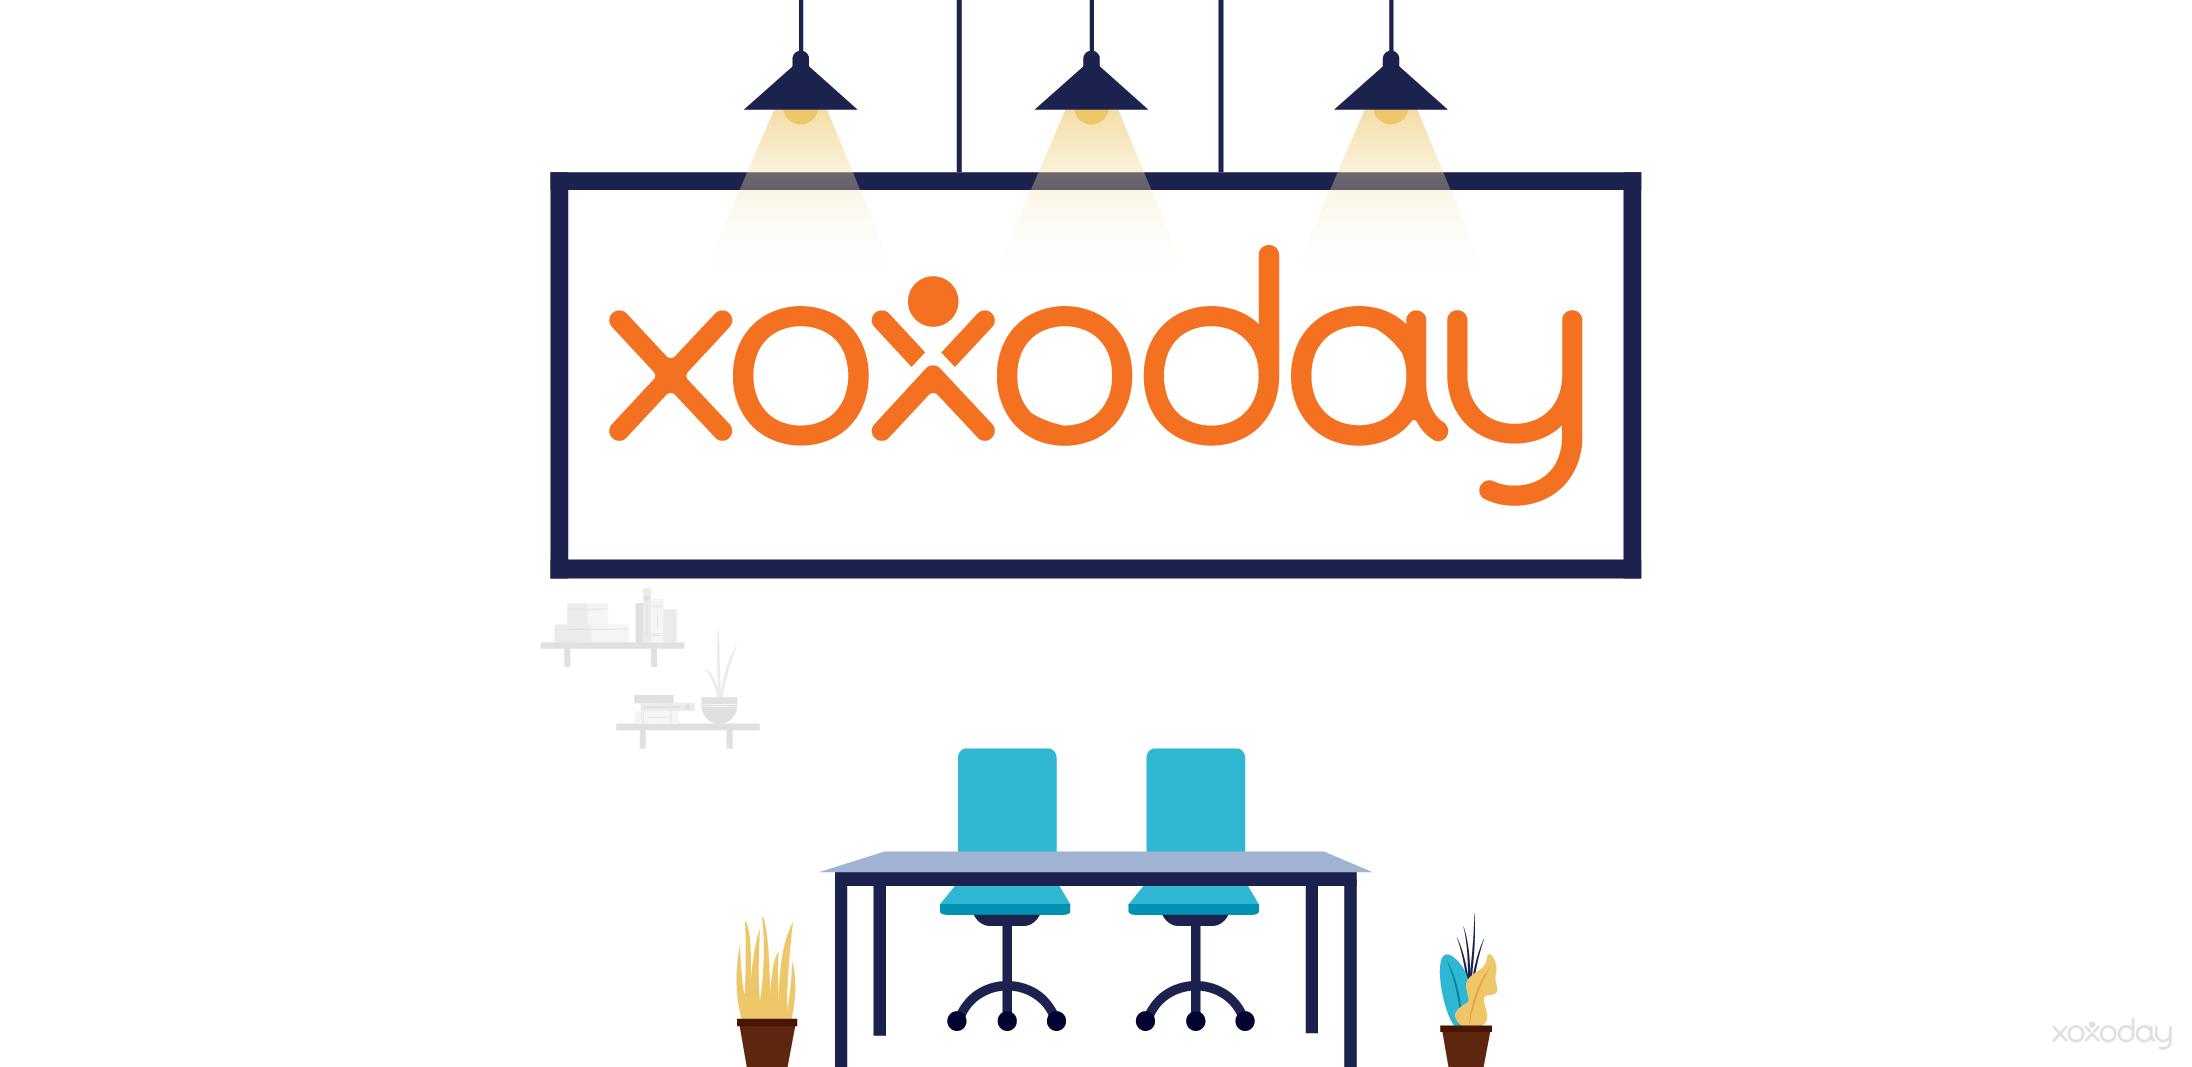 Xoxoday integrates with Zoho